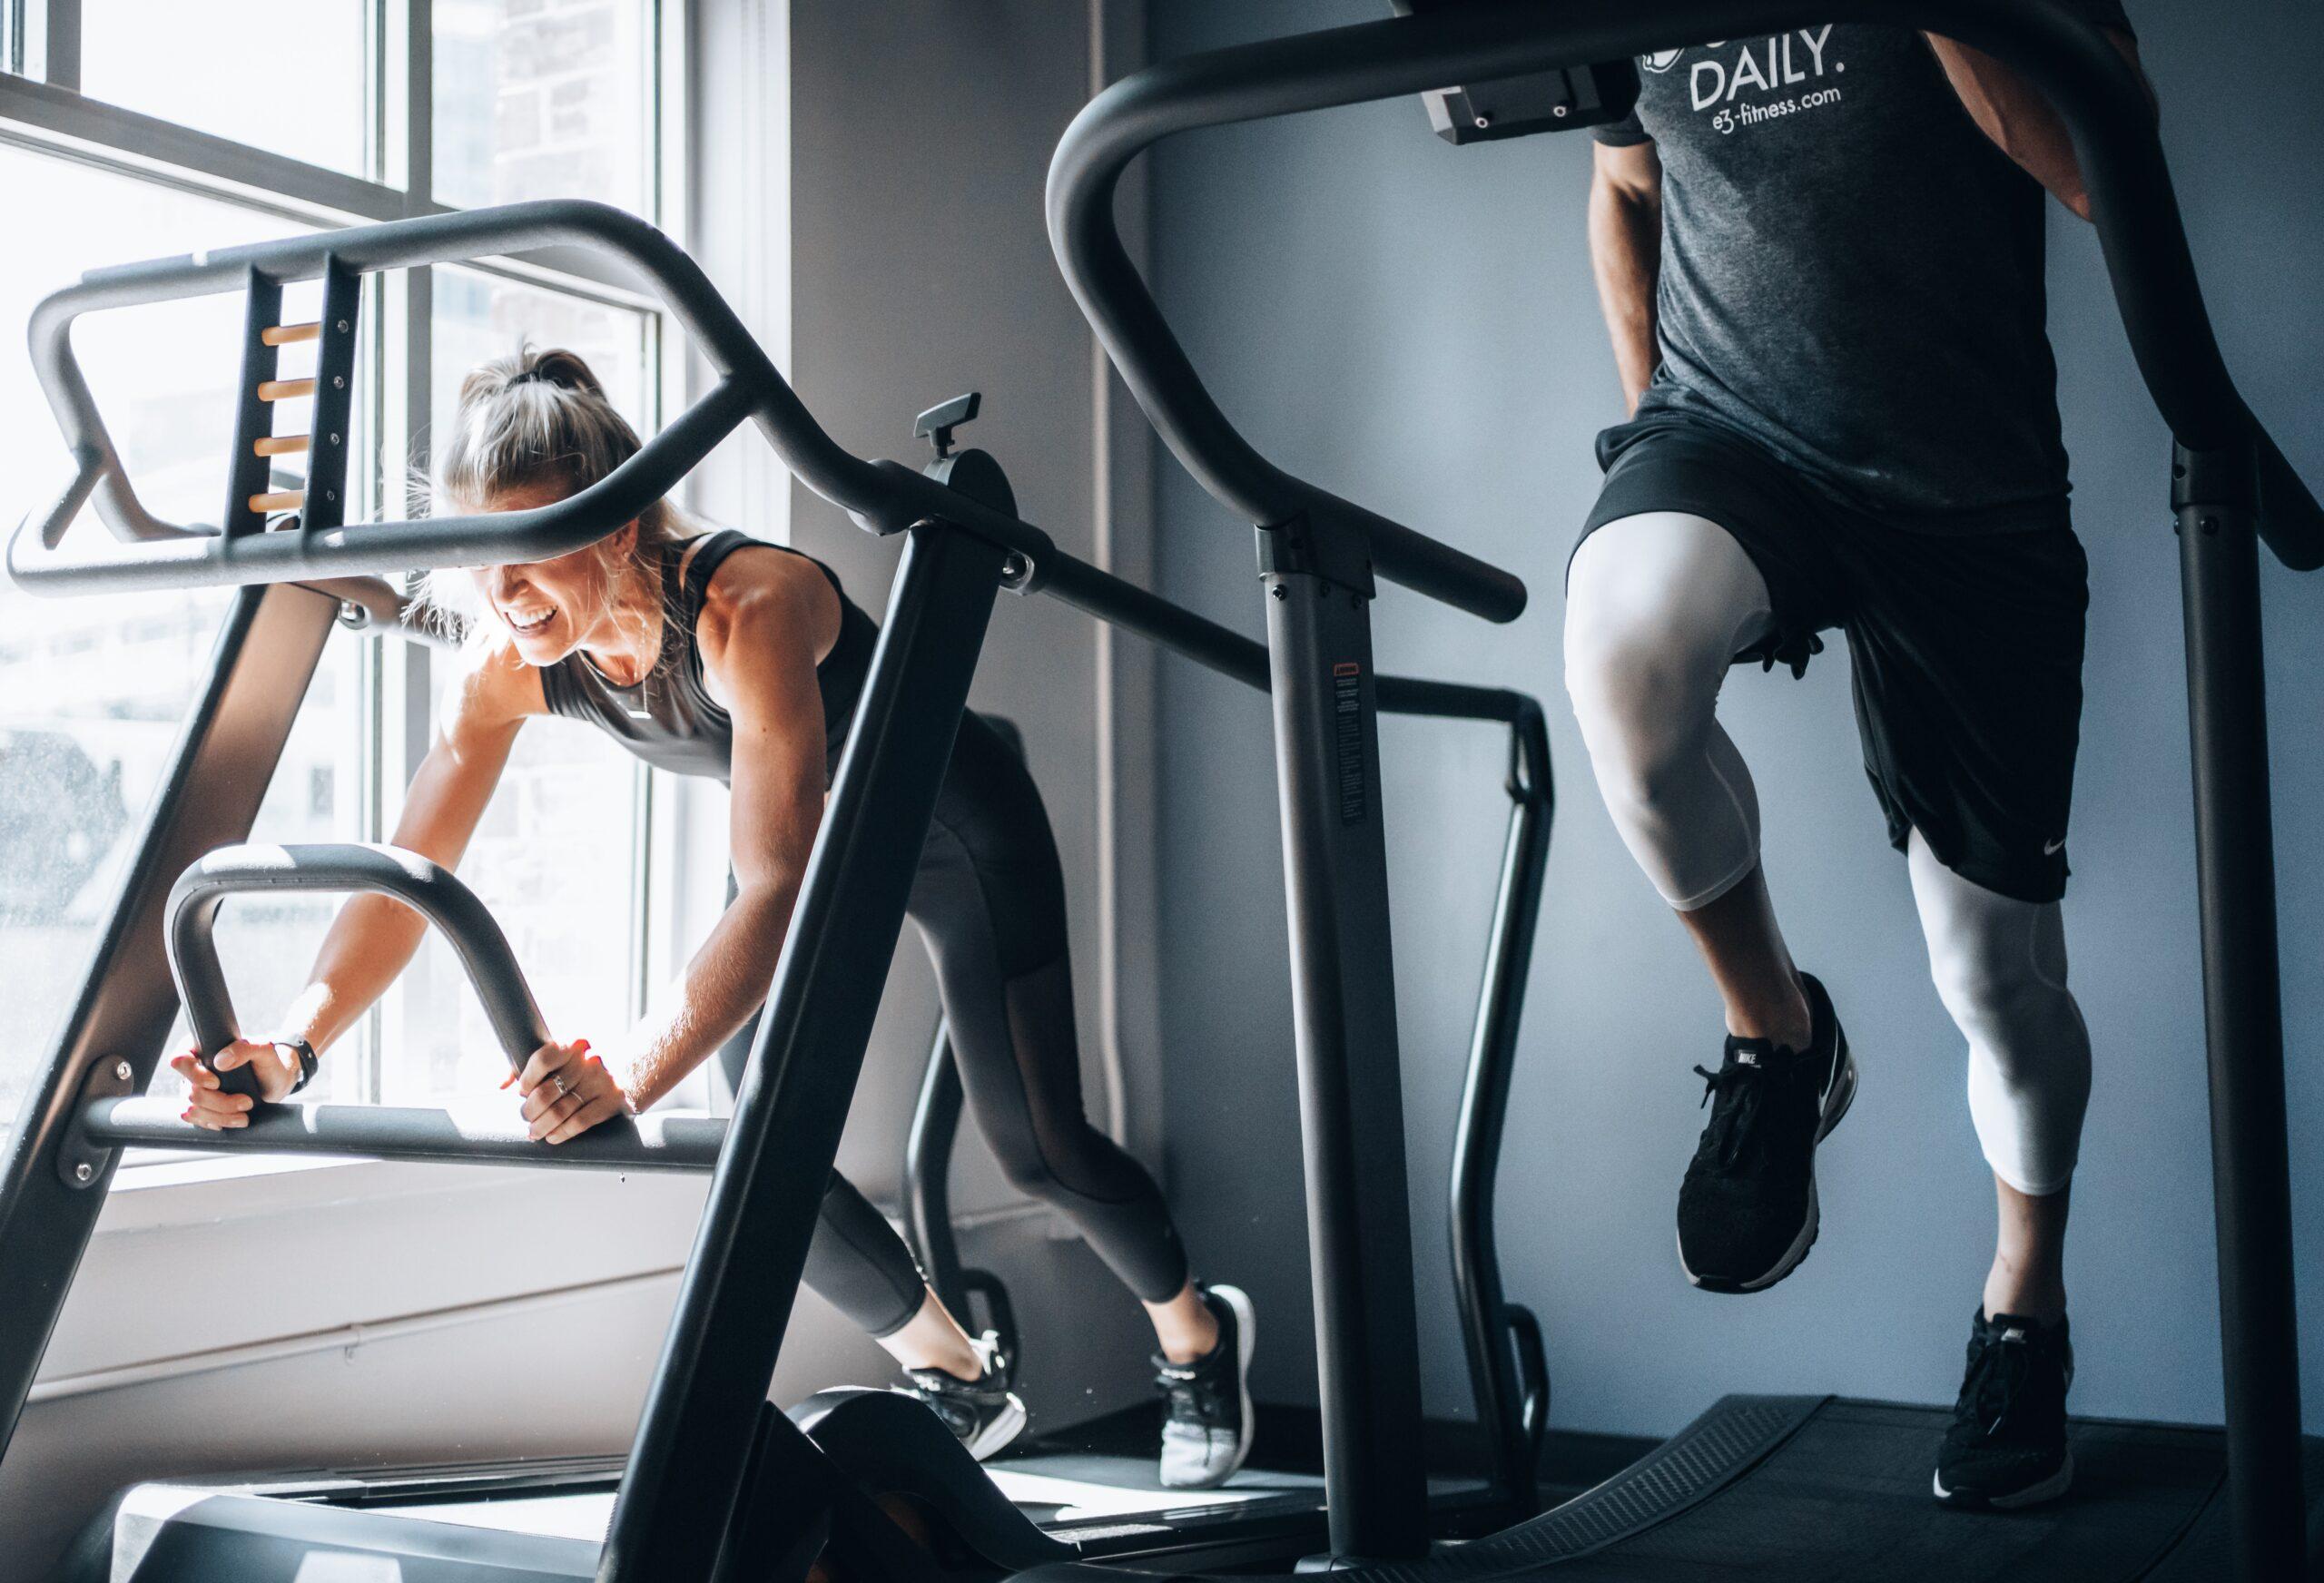 Gezondheids- en fitnessgewoontes opbouwen volgens online coach Shelly Wubbe